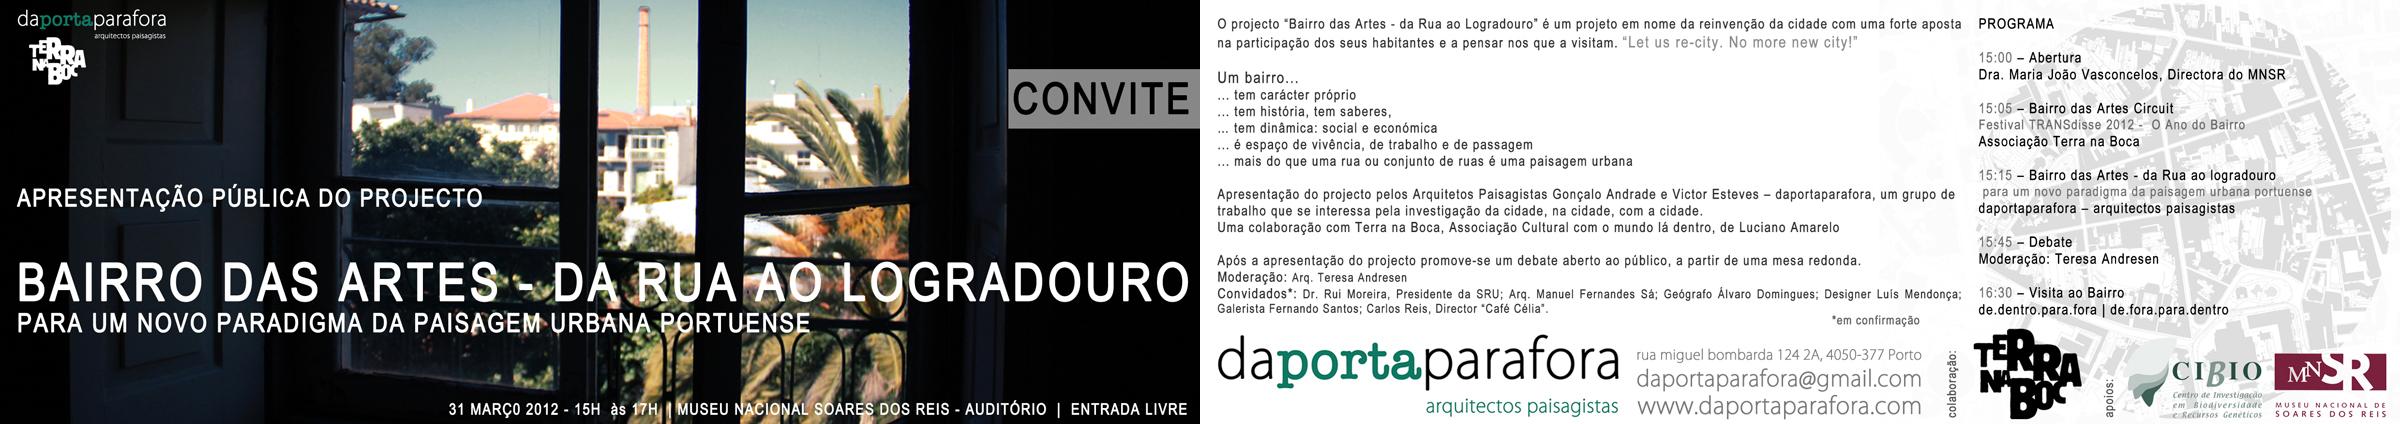 Convite_MNSR_daPortaParaFora00